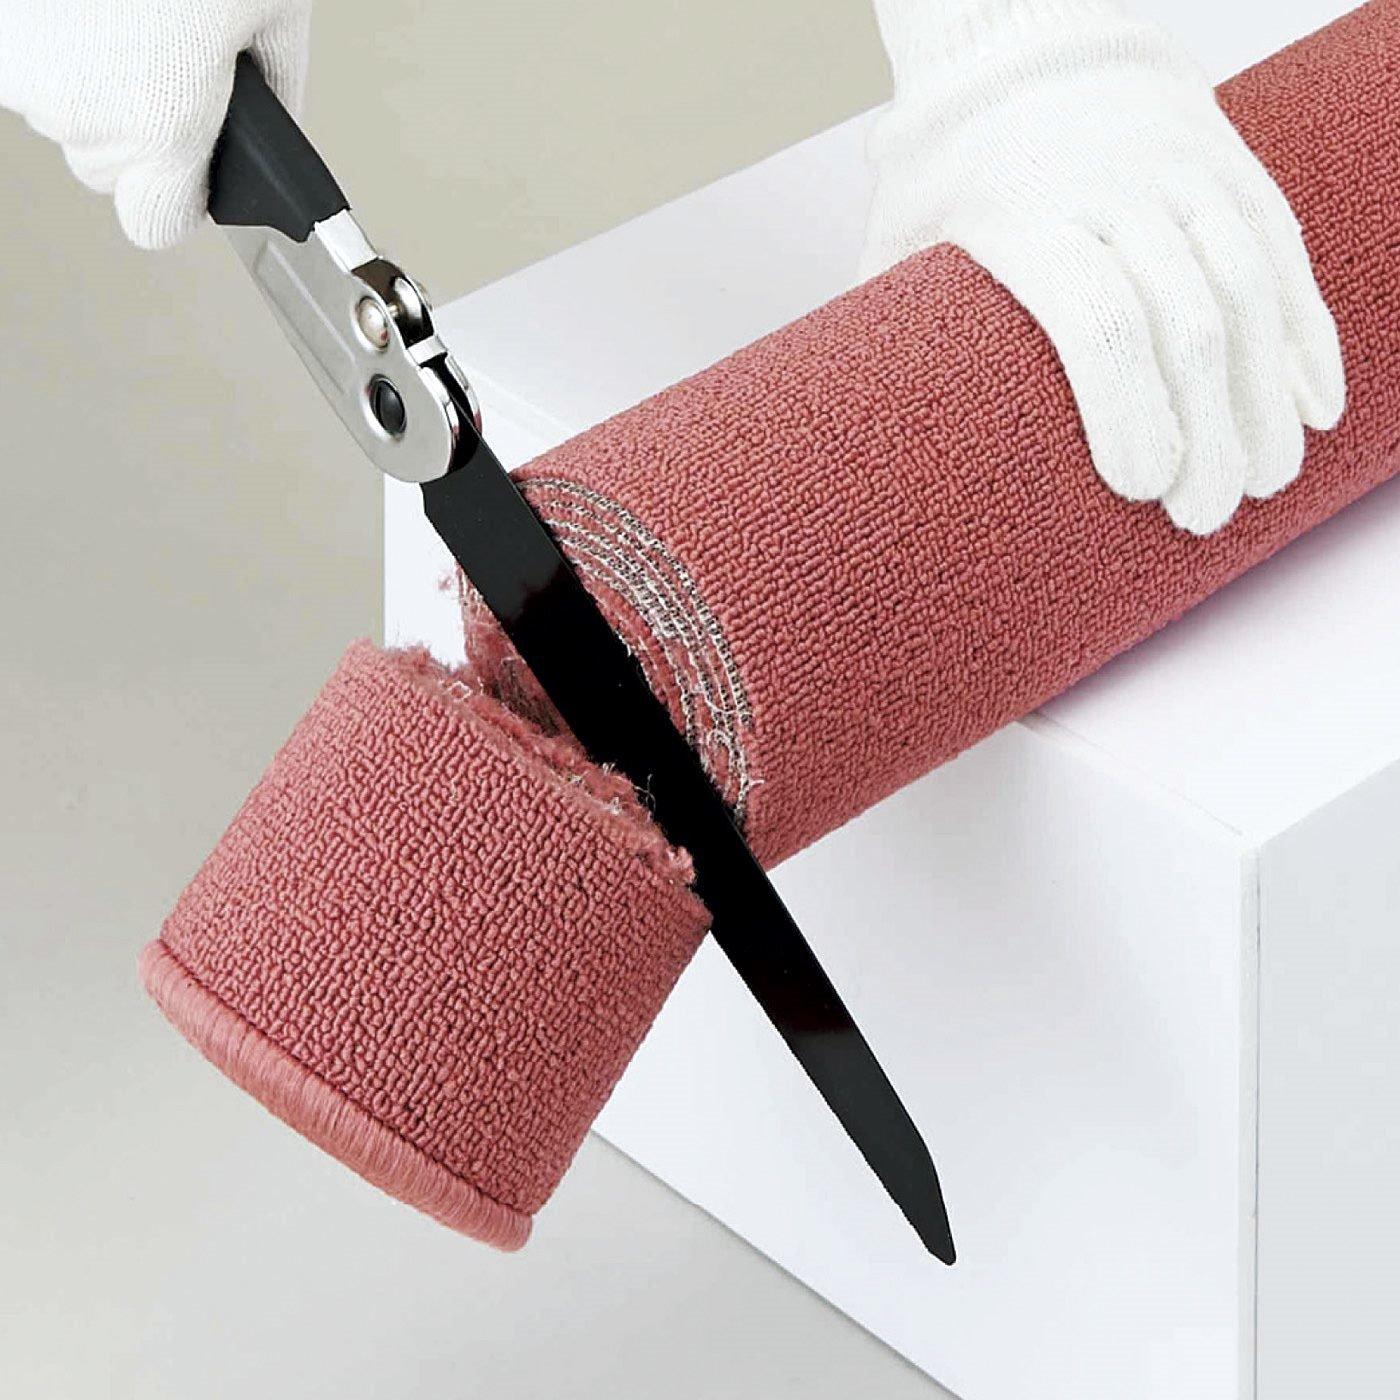 いろいろな素材をカットできる のこぎりの替え刃